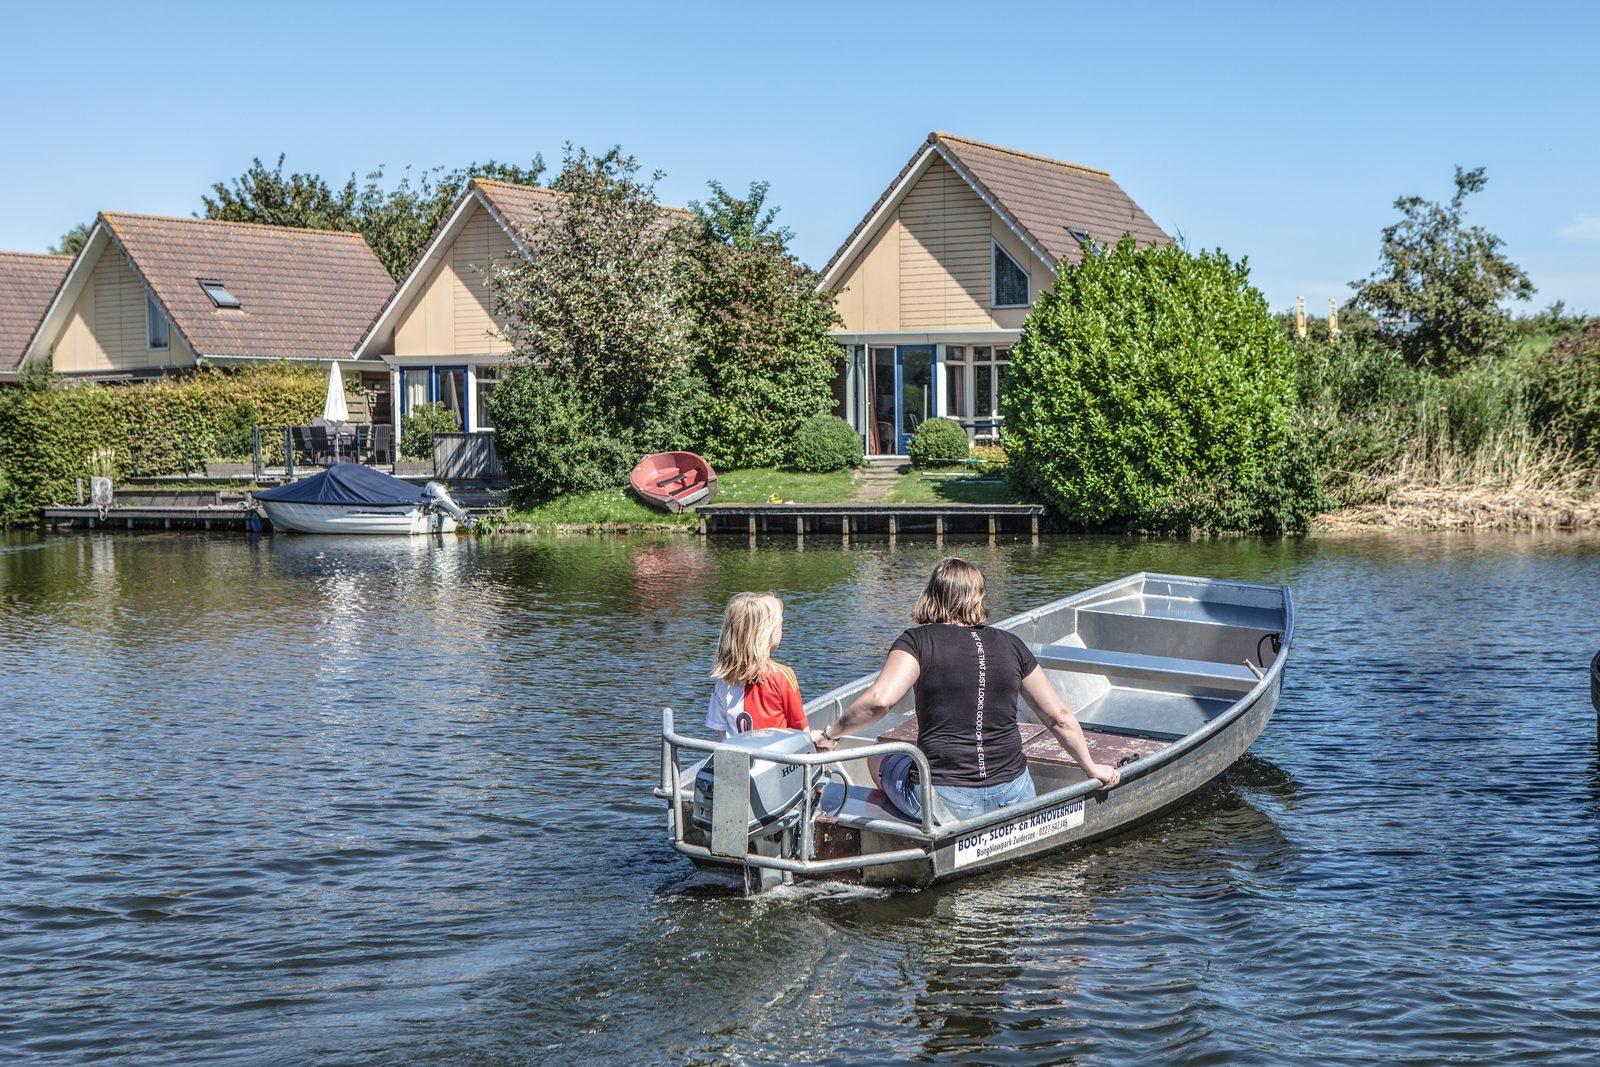 IJsselmeer angeln auf dem boot